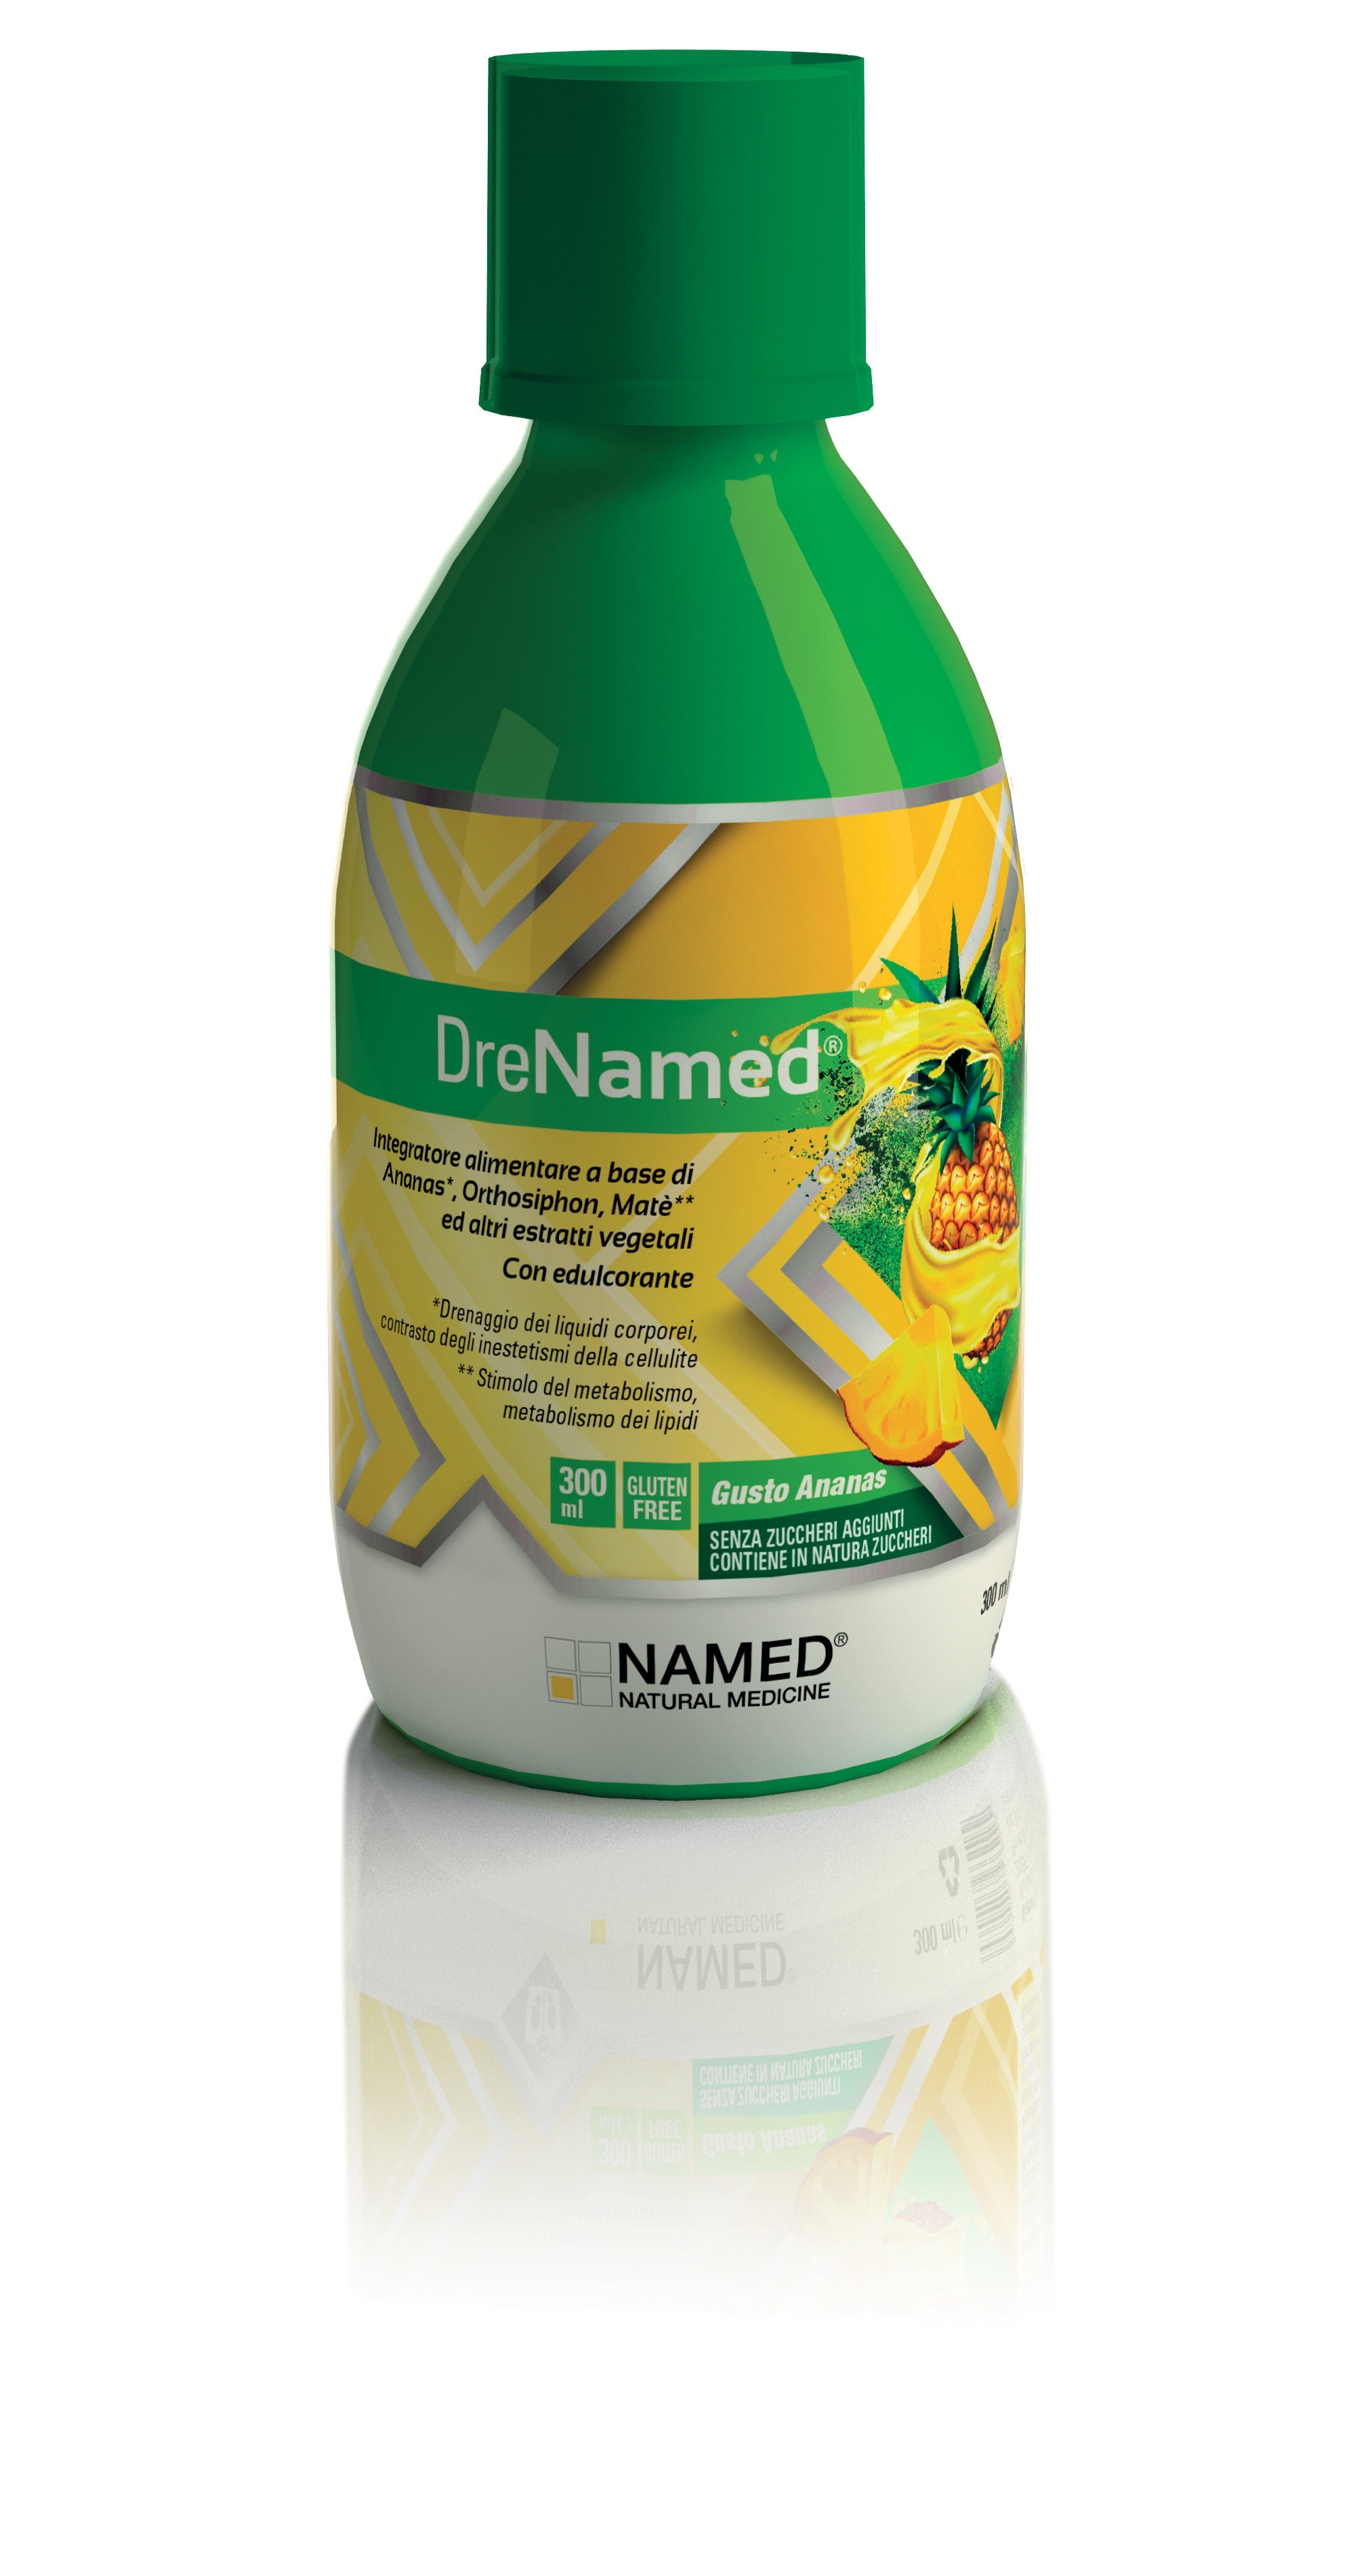 named DreNamed®